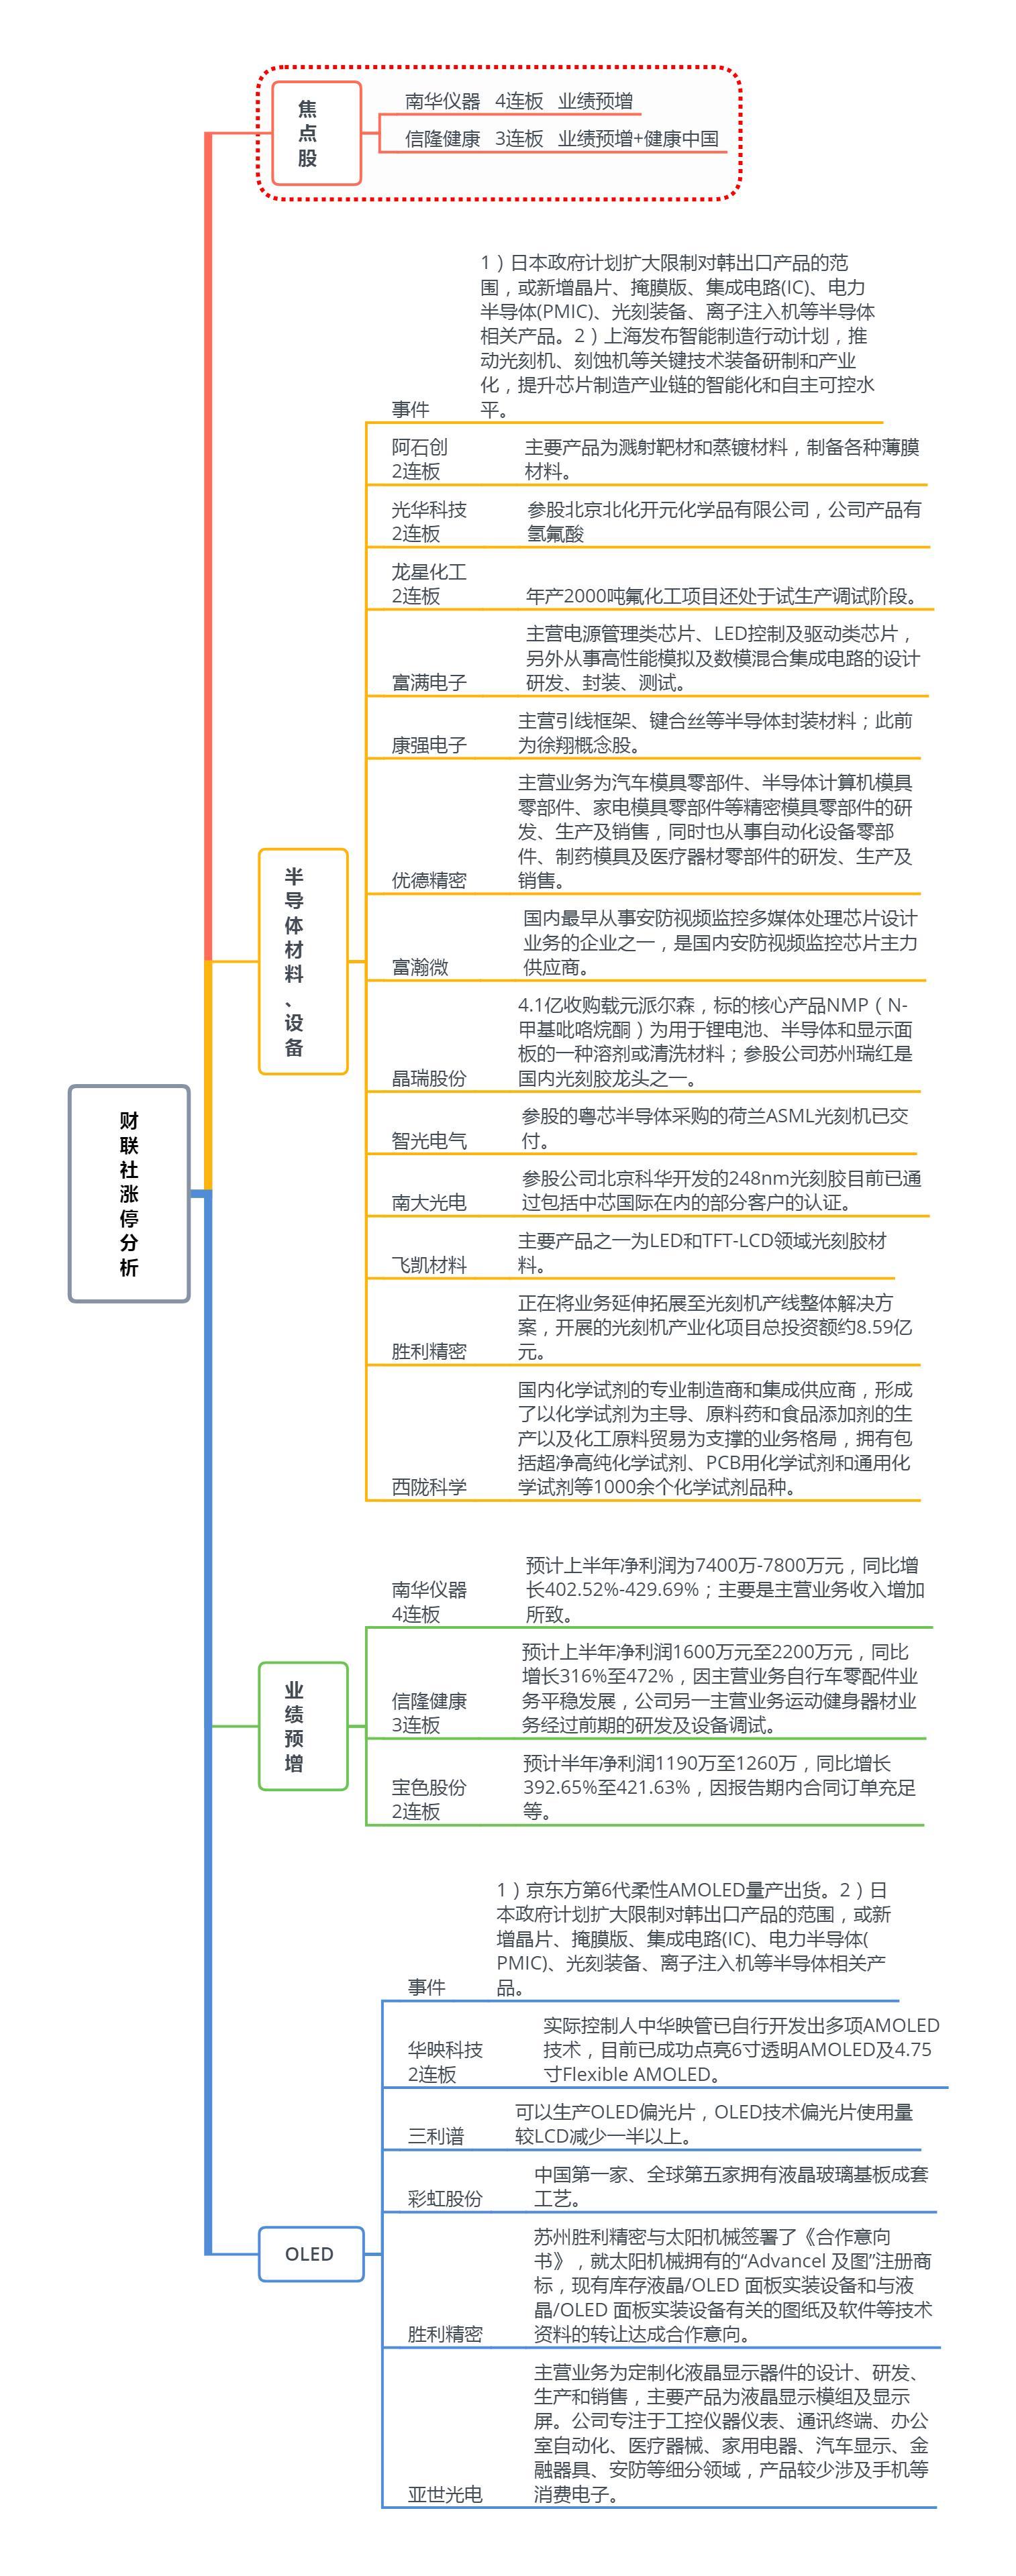 【财联社午报】题材轮动较快 持续性不足